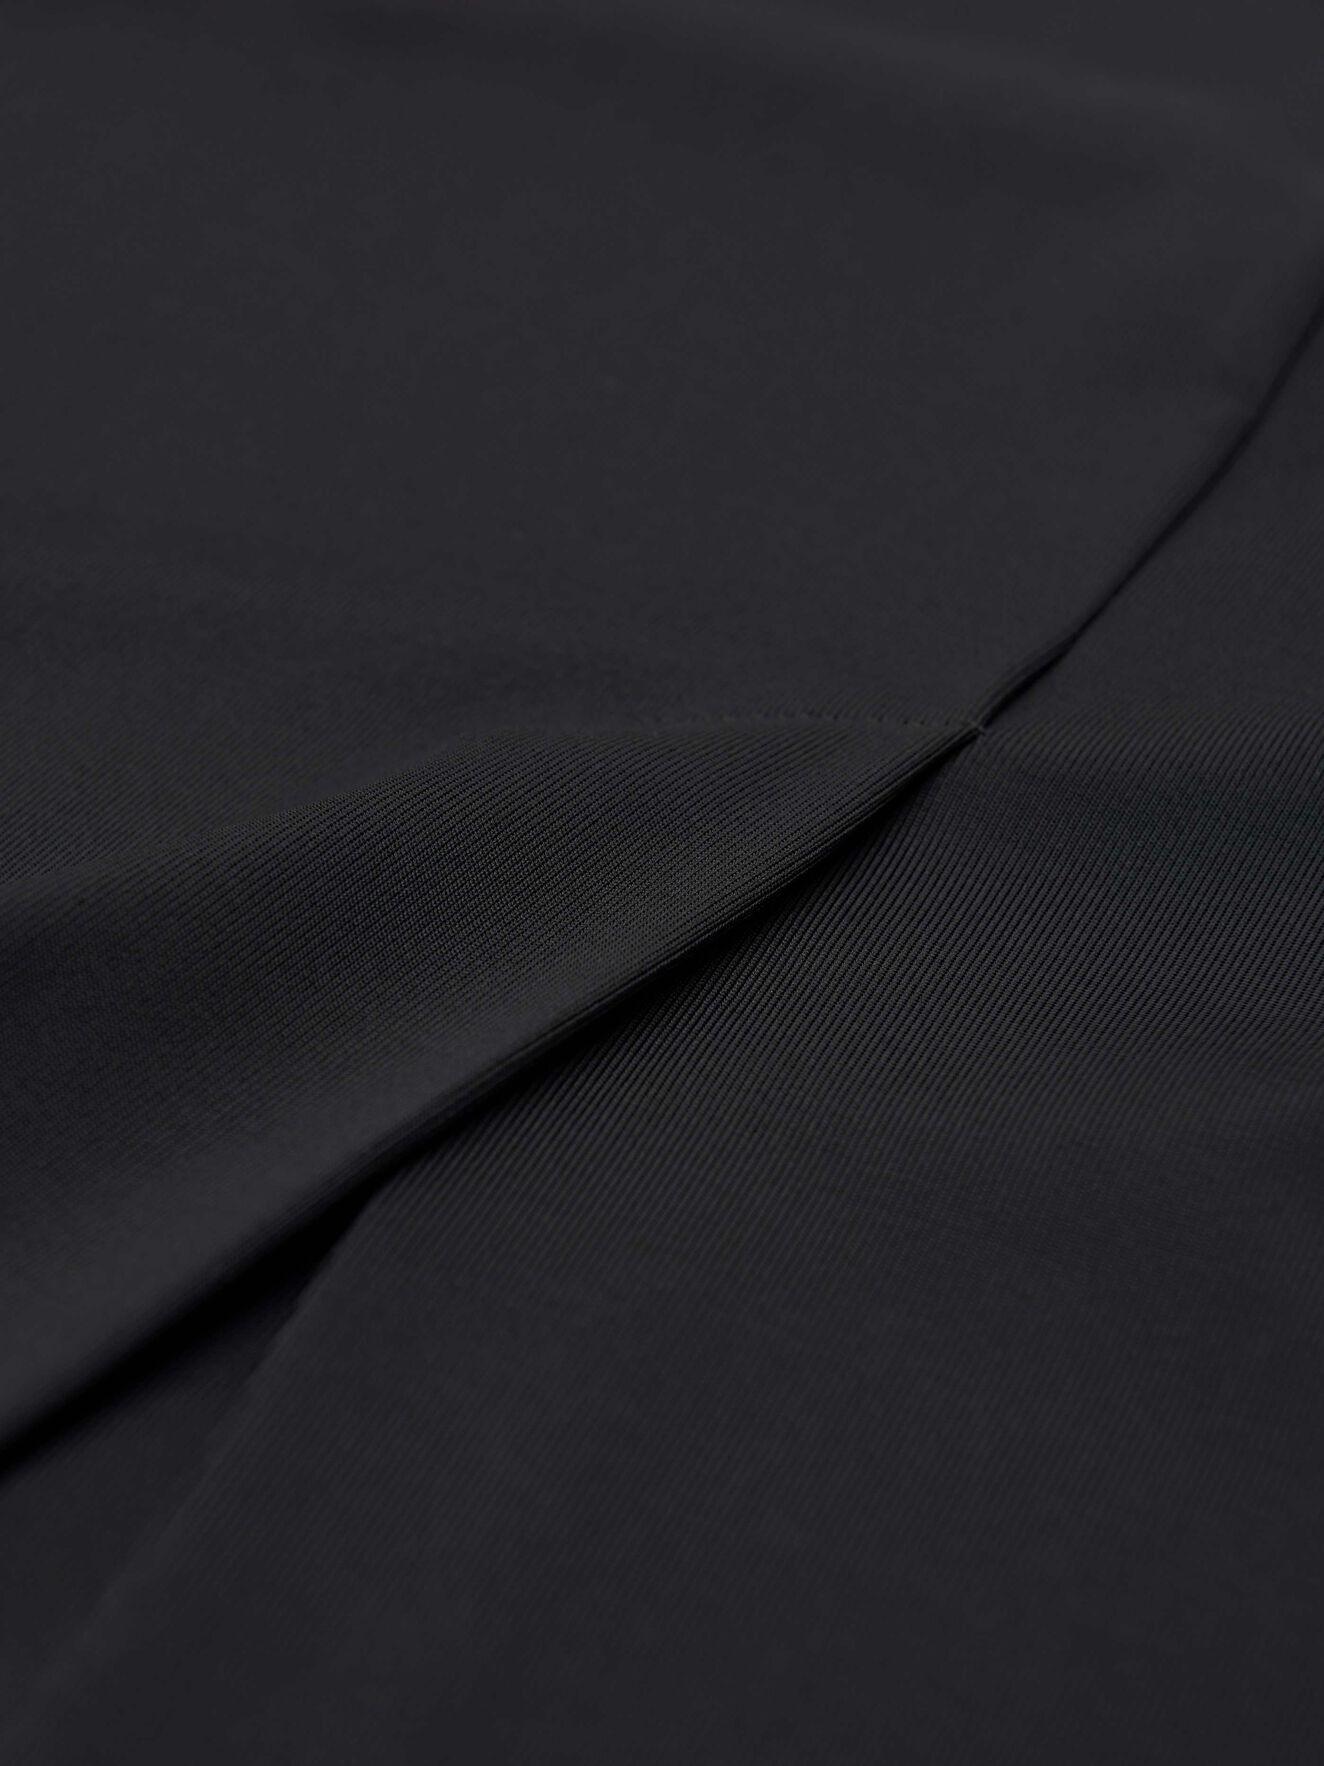 Jacelyn 2 Skirt in Black from Tiger of Sweden